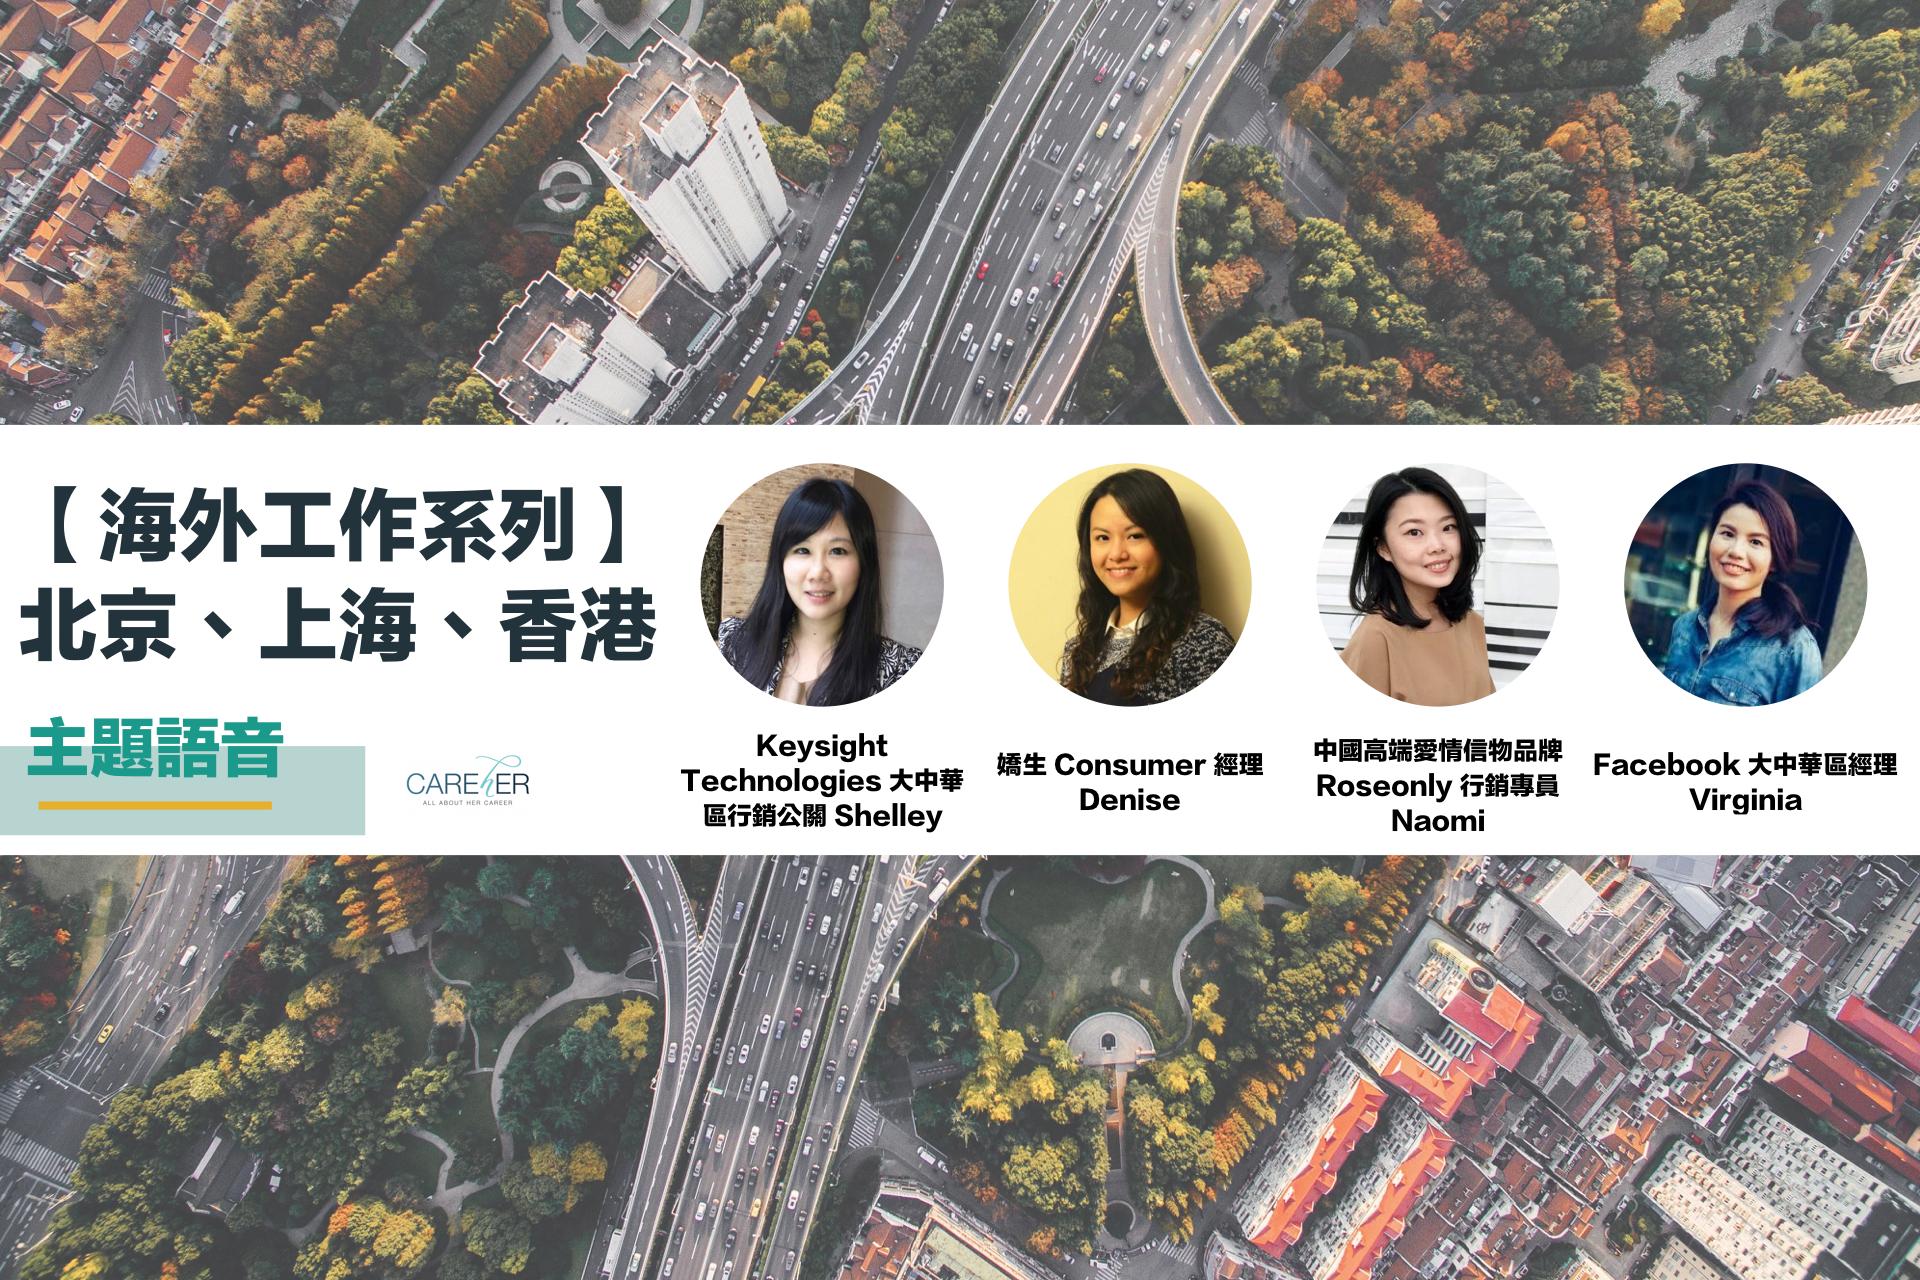 【CAREhER 主題語音】一張單程機票,前往:快速變化的北京、充滿機會的上海、高度效率的香港